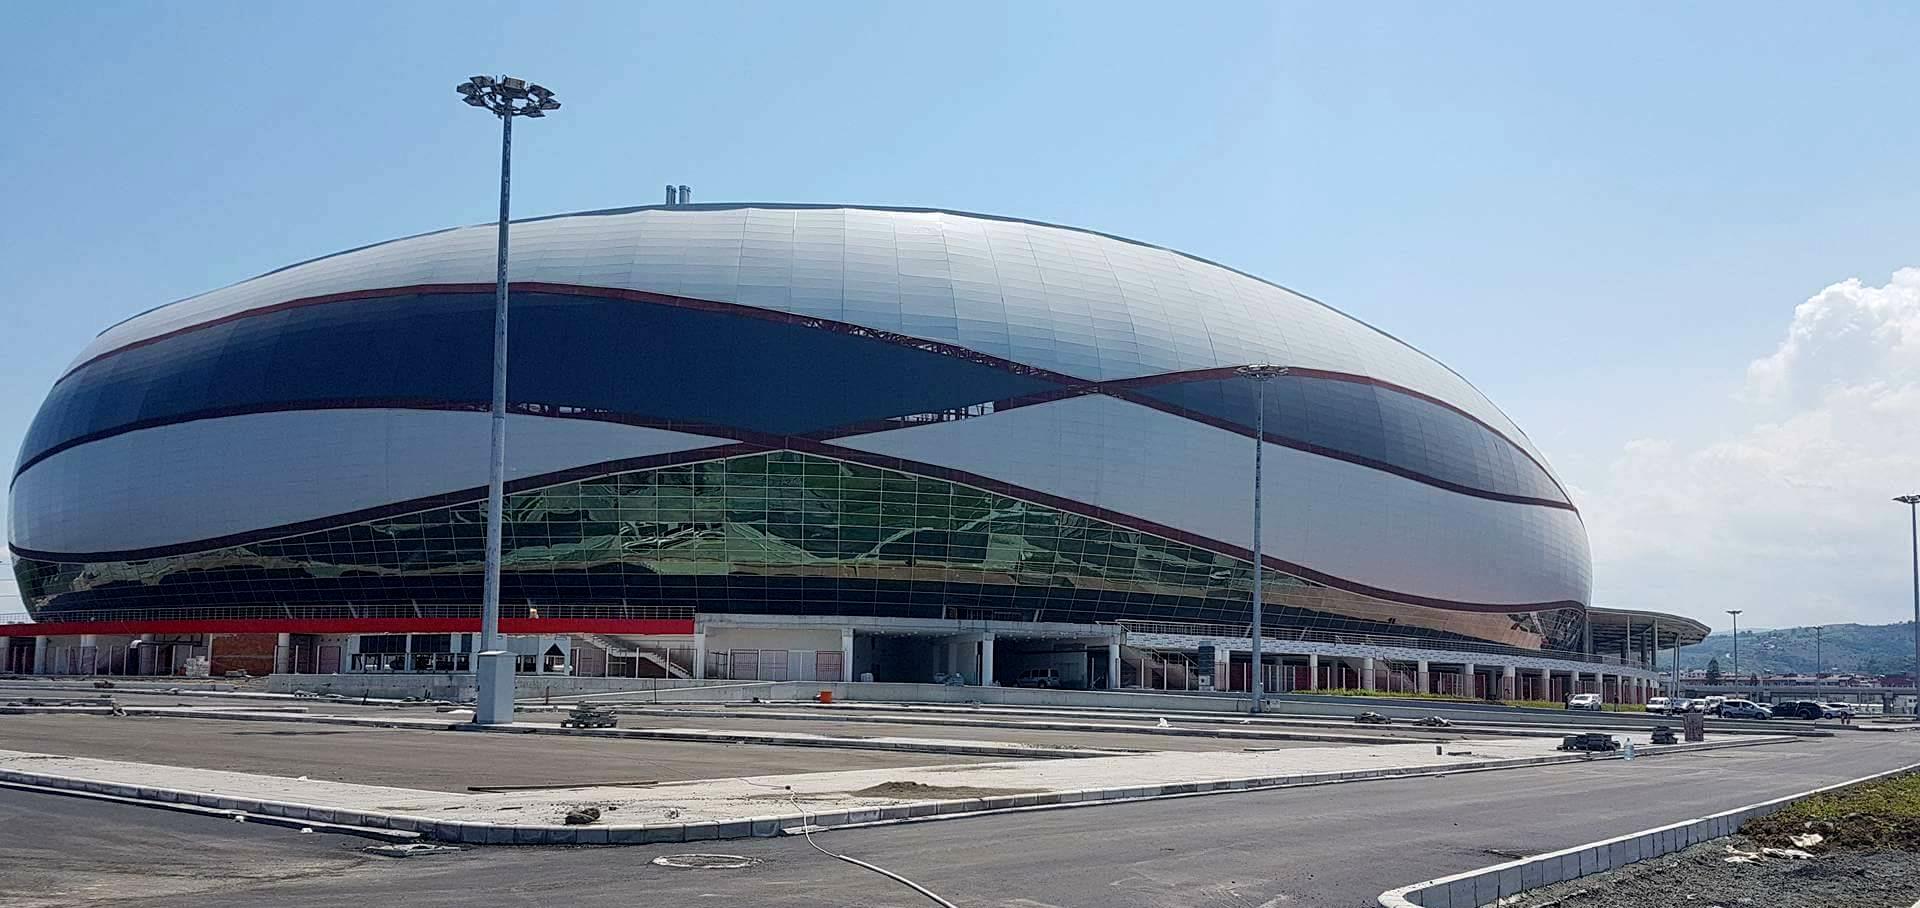 Samsun 19 Mayis Stadyumu